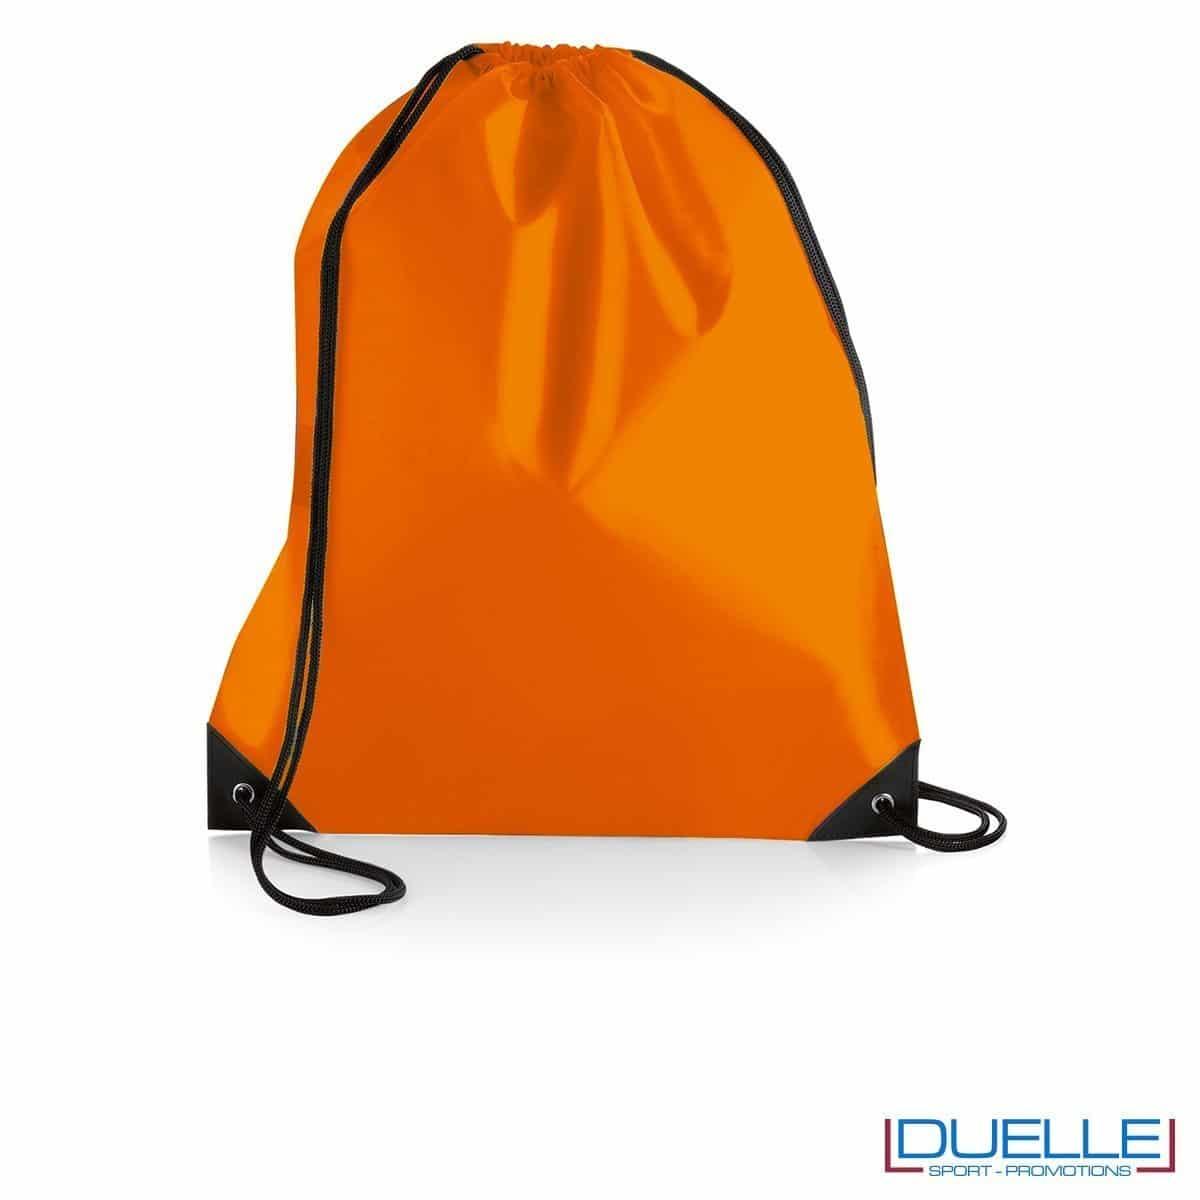 zainetto sportivo personalizzato in nylon colore arancione con rinforzi, gadget sportivi personalizzati